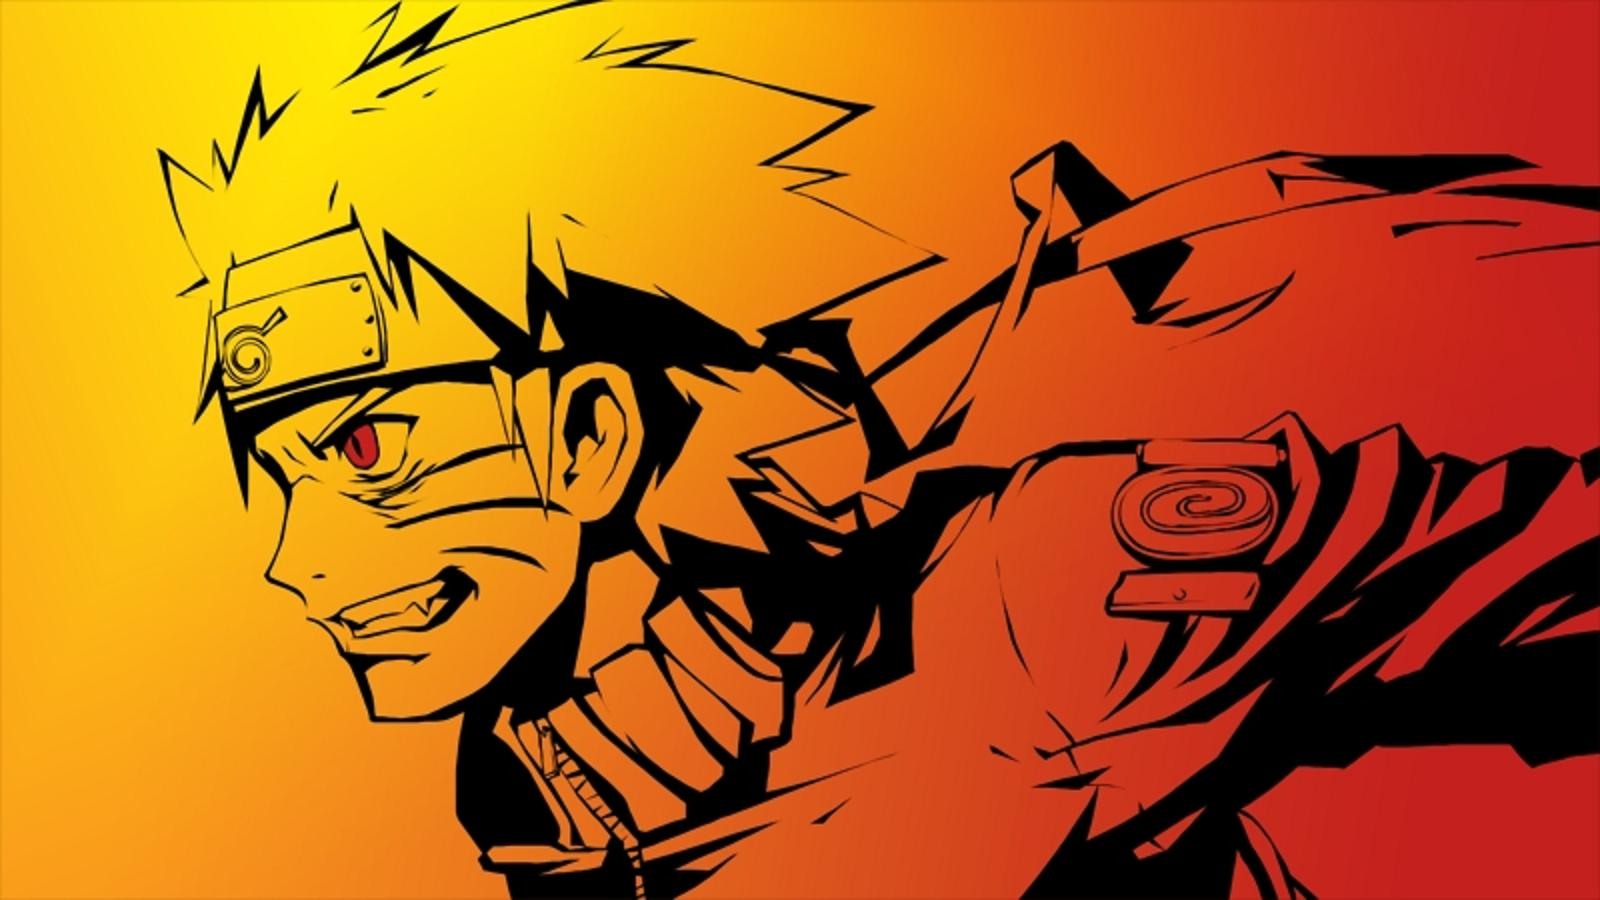 Anime Naruto Shippuuden Wallpaper